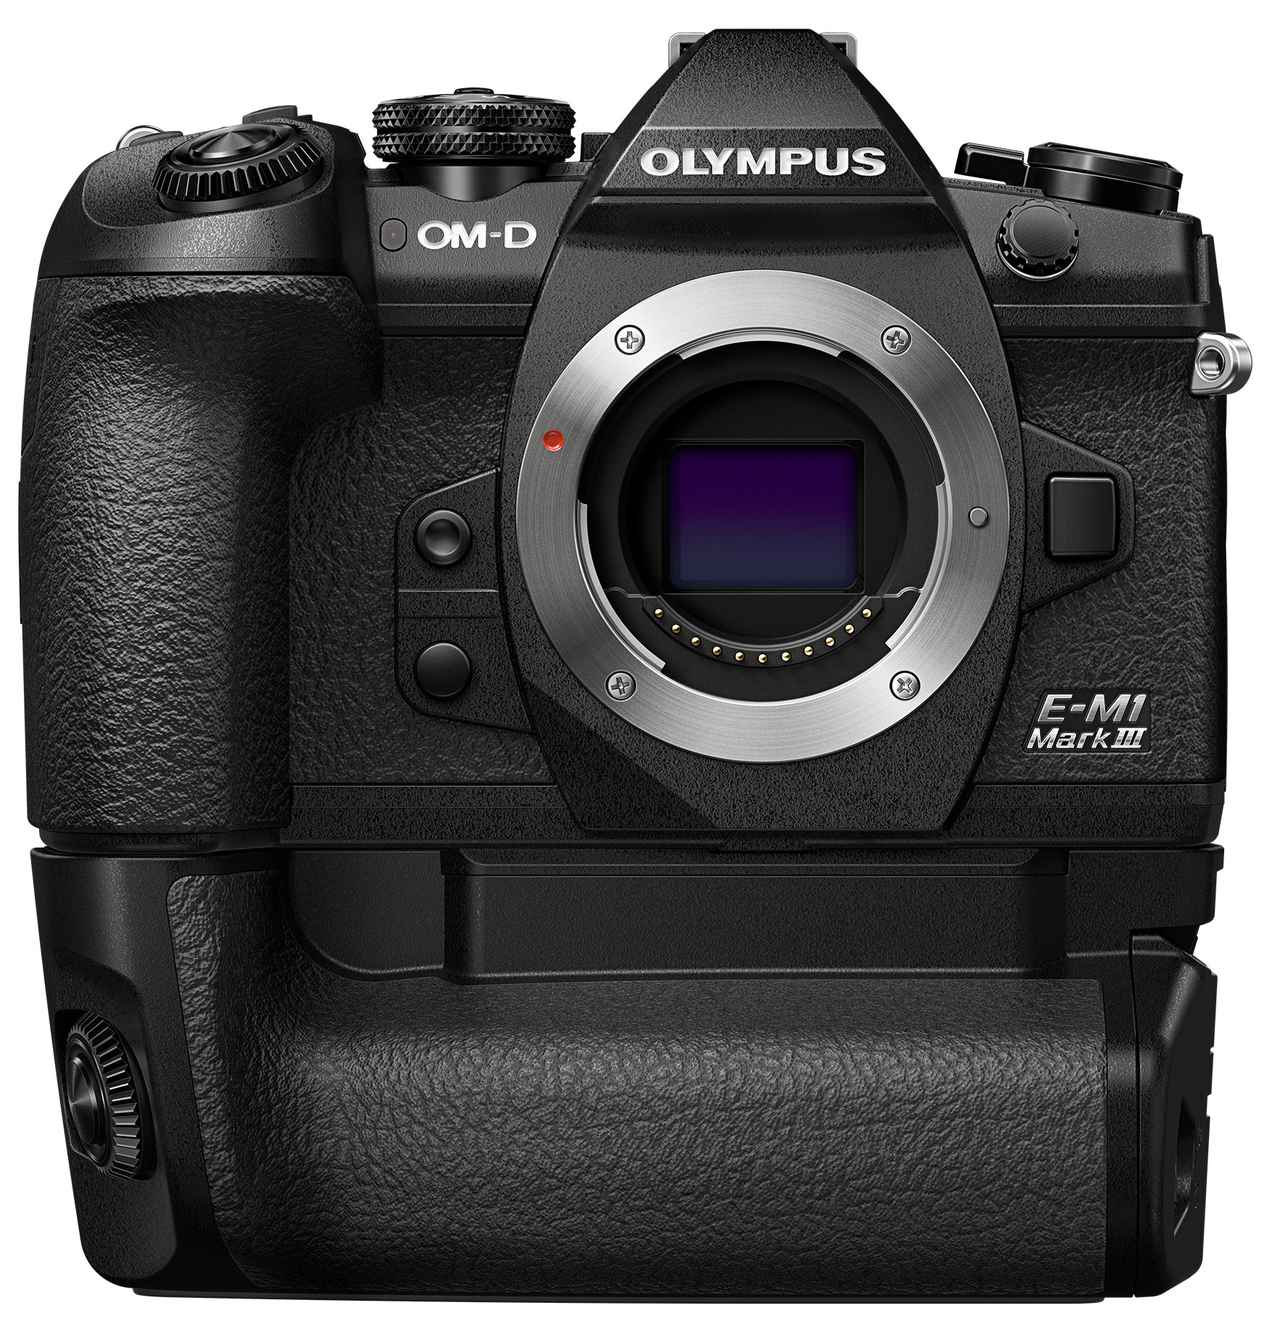 画像: OLYMPUS OM-D E-M1 Mark III バッテリーホルダーHLD-9装着時